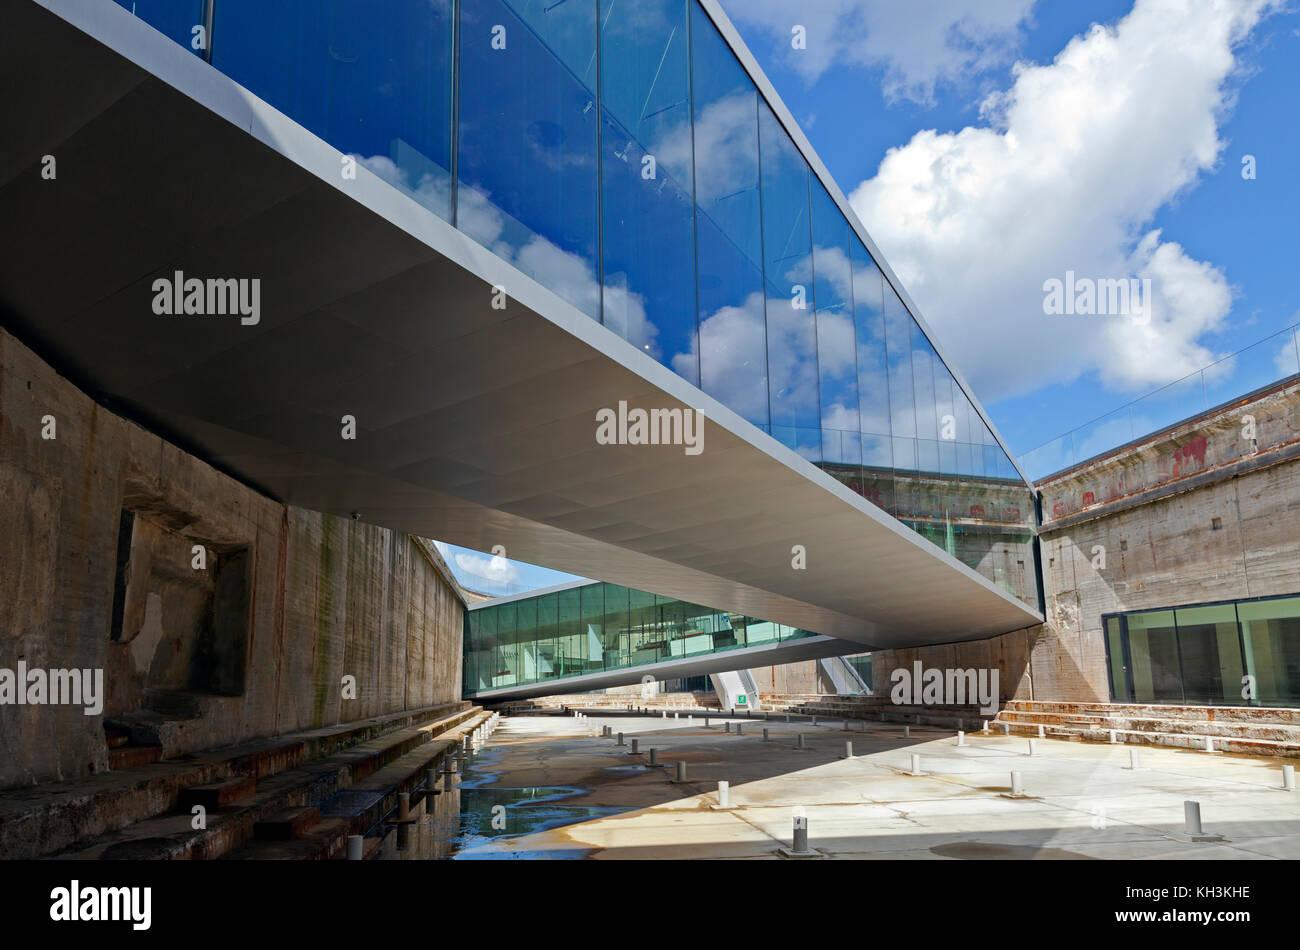 Die u-bahn Dänische Maritime Museum, M/S Museet für Søfart, rund um eine alte Trockendock gebaut. Helsingor/Helsingør in Dänemark. Architekt Bjarke Ingels BIG Stockfoto